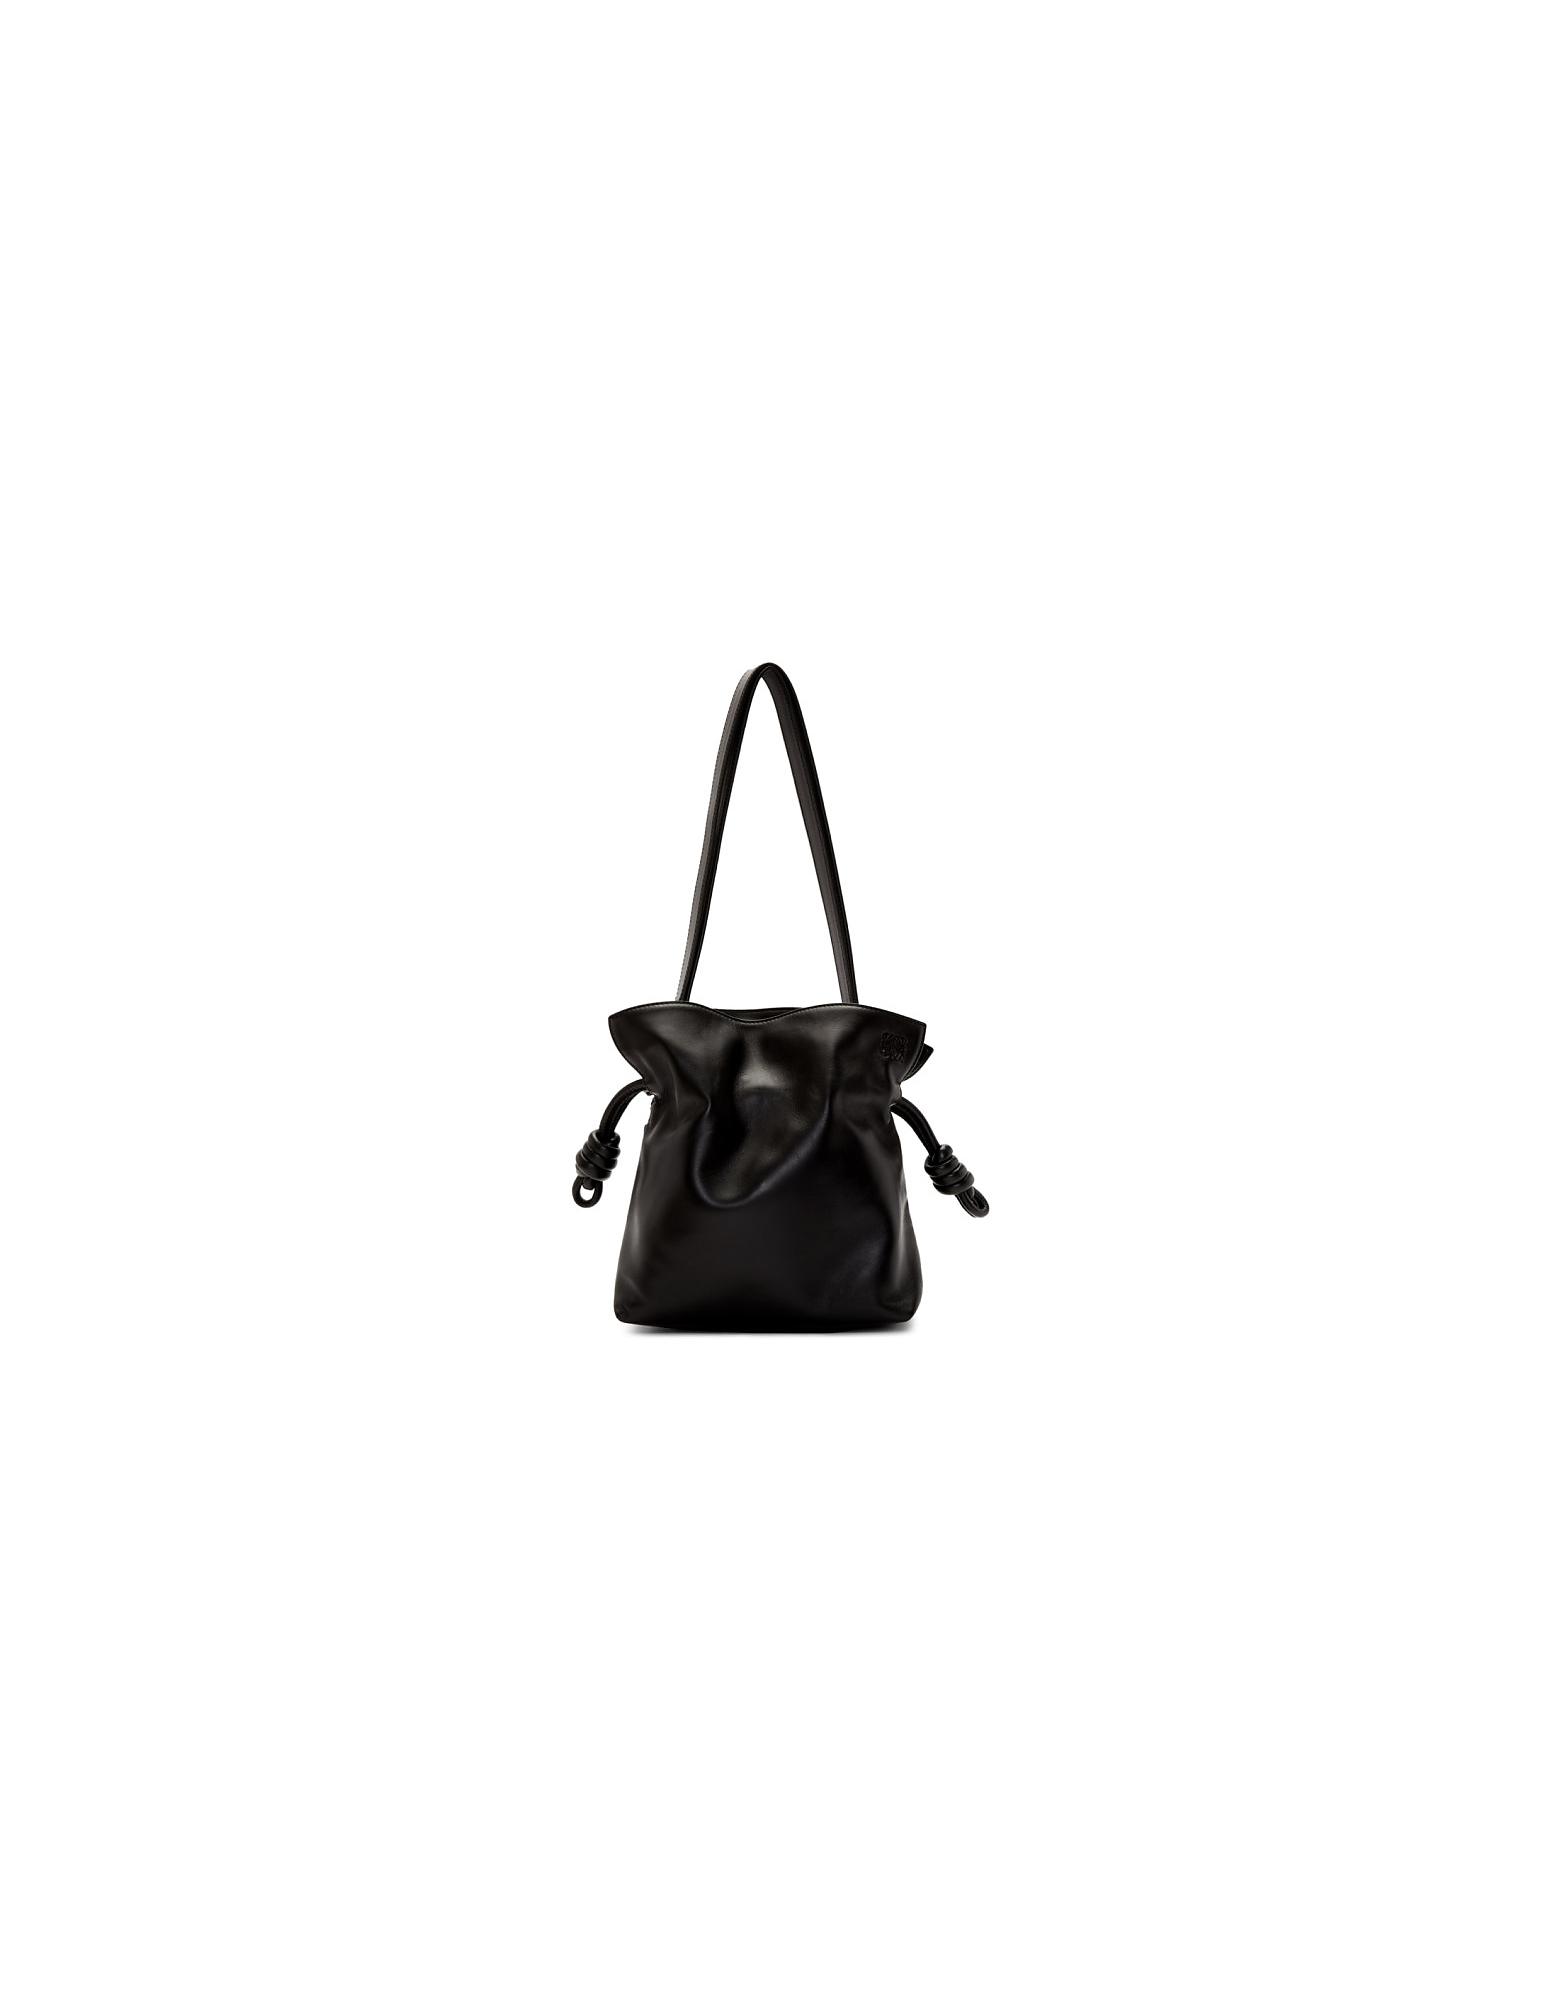 Loewe Designer Handbags, Black Small Flamenco Knot Bag